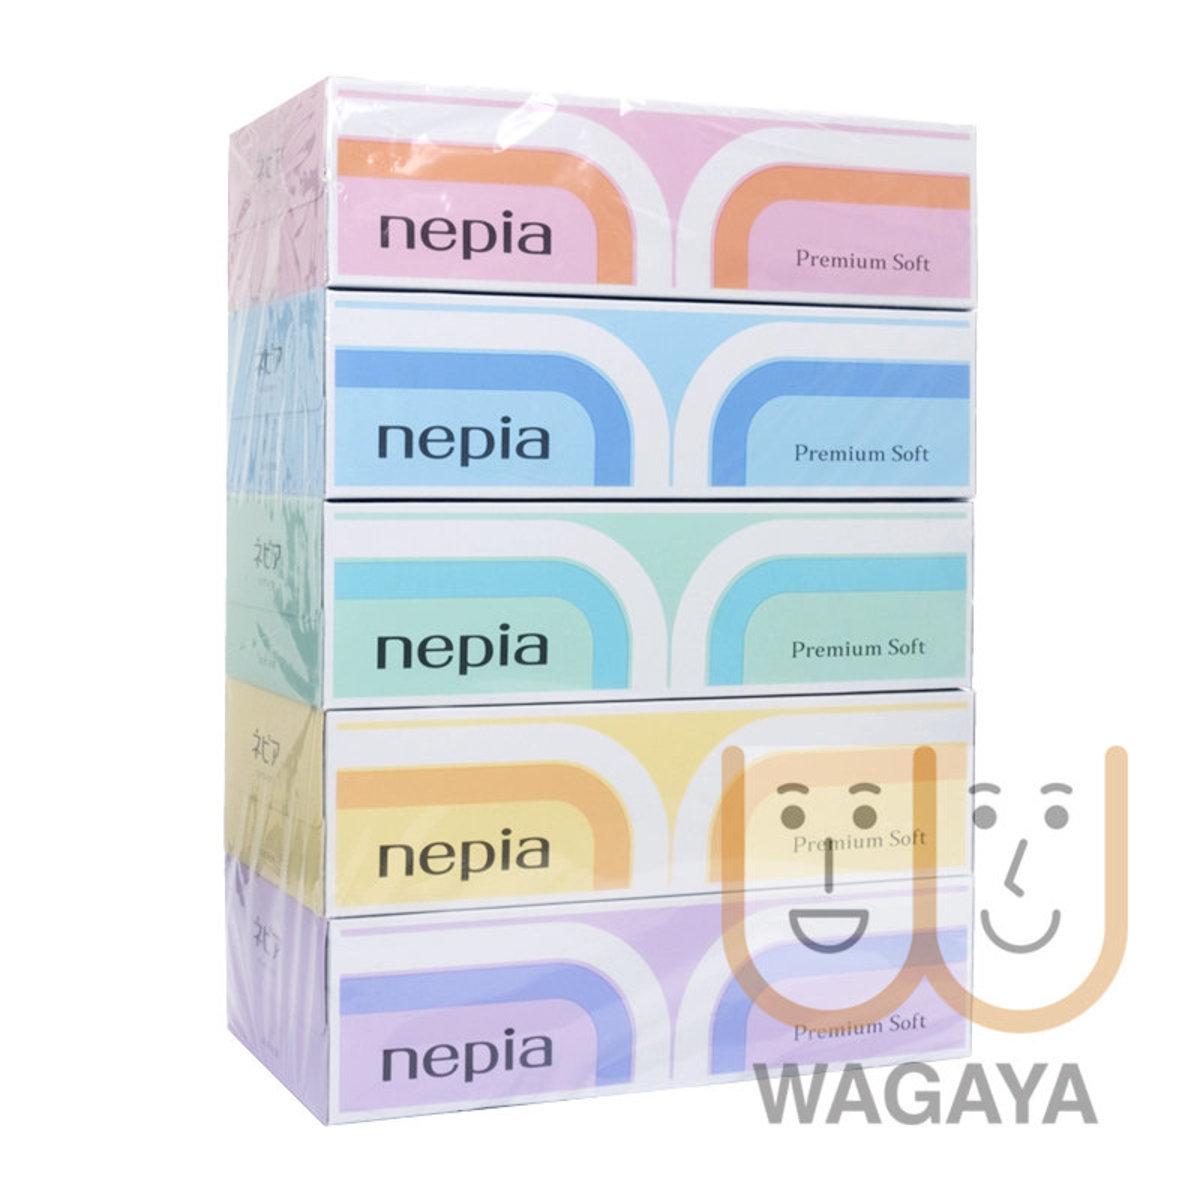 柔軟盒裝雙層面紙 180張 x5盒 (平行進口貨品)